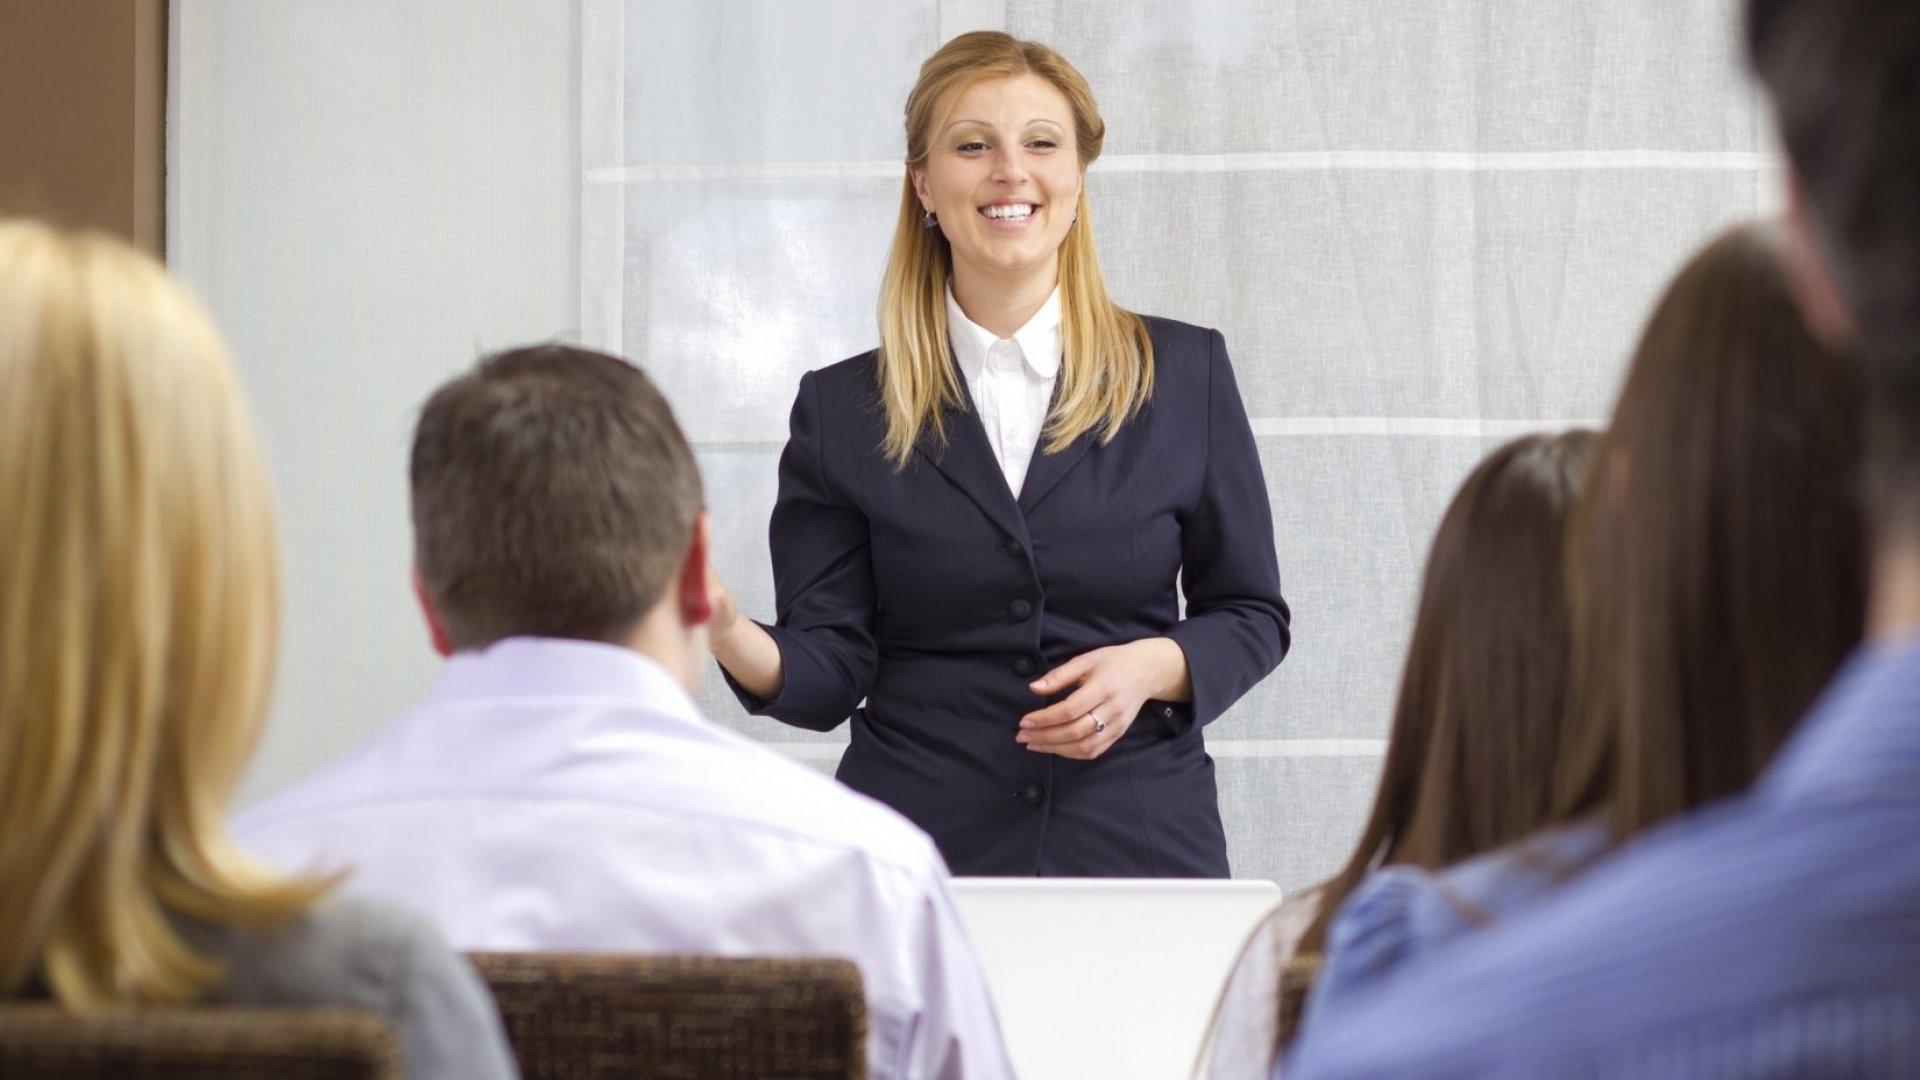 3 Reasons Leadership Training Is a Huge Waste